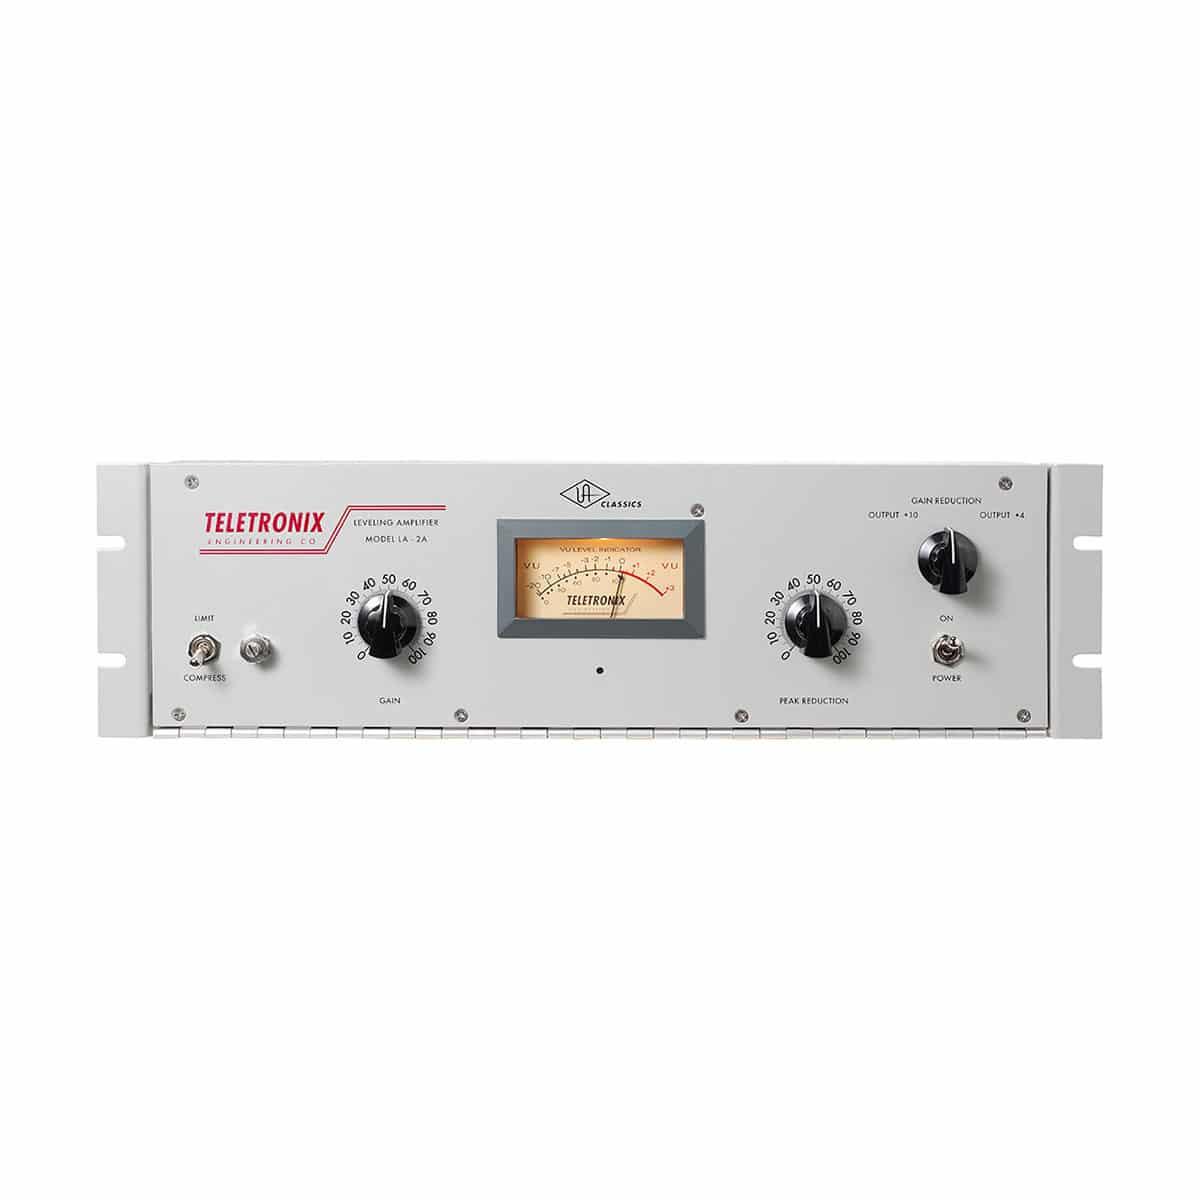 Teletronix Universal Audio LA2A 01 Strumentazioni Pro Audio per studi di registrazione, Outboard professionale analogico, Compressori analogici per il tuo studio di registrazione